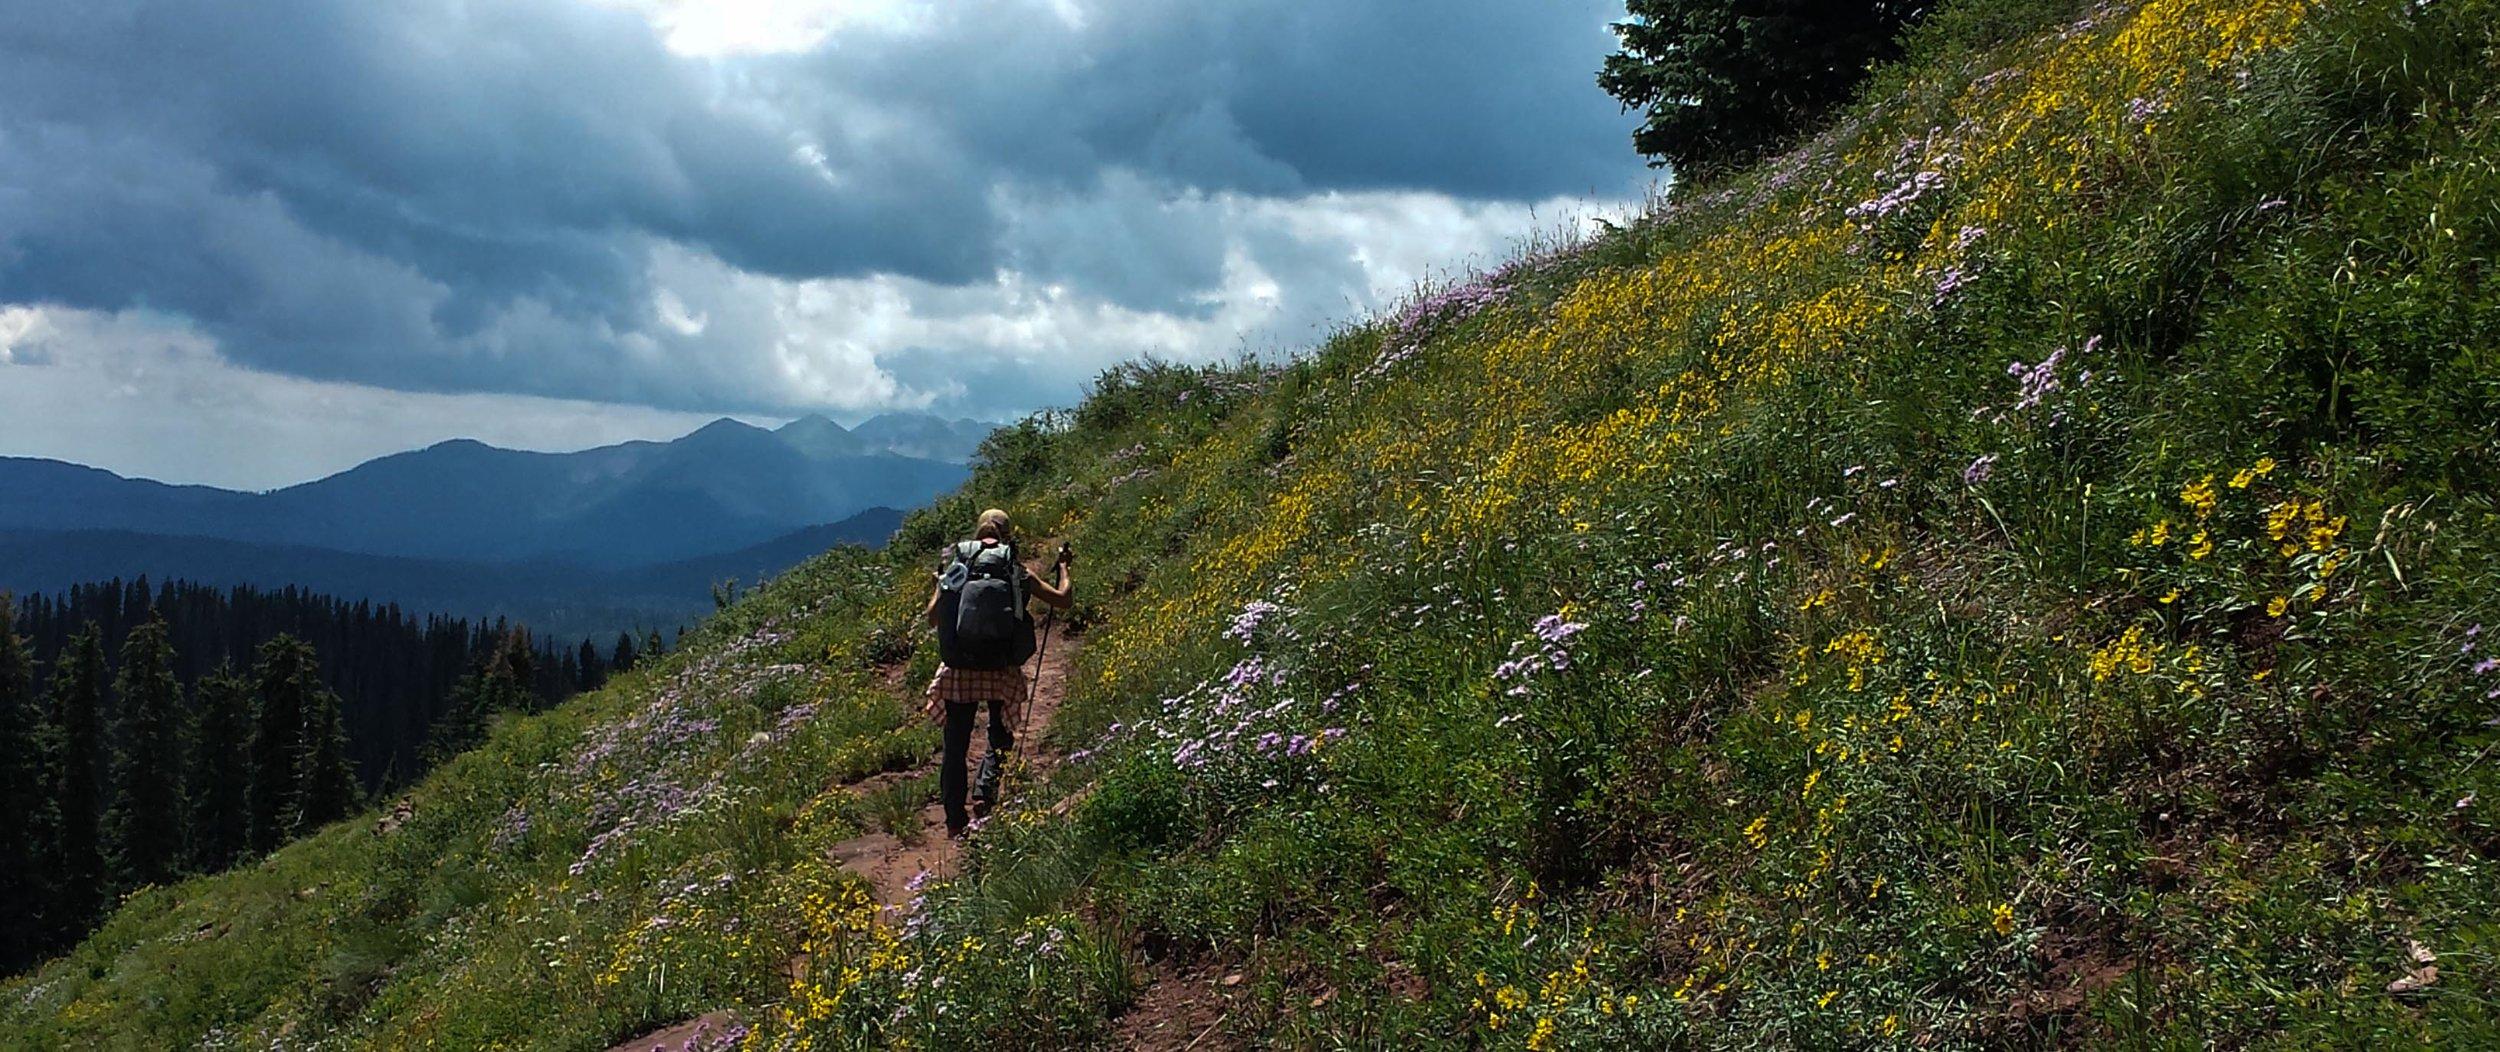 Becky Jensen on the Colorado Trail. (Photo courtesy Becky Jensen)